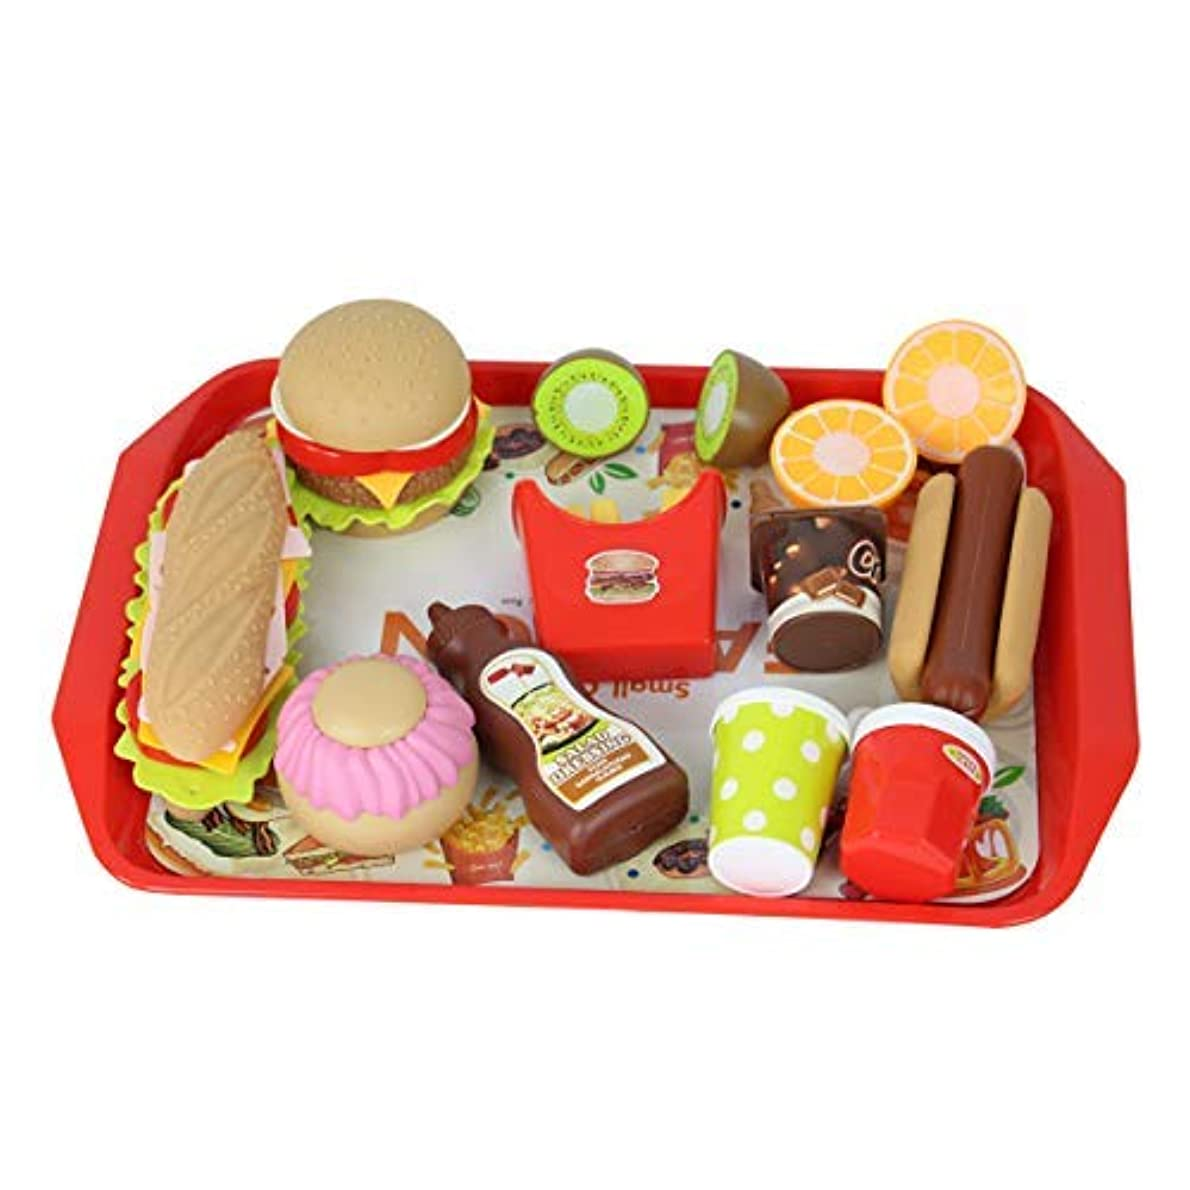 取り囲む大学生急行するCatchStar Play Fast Food Durable Pretend Playset Food Hamburger French Fries Variety Toys Gift for Kid Toddlers [並行輸入品]